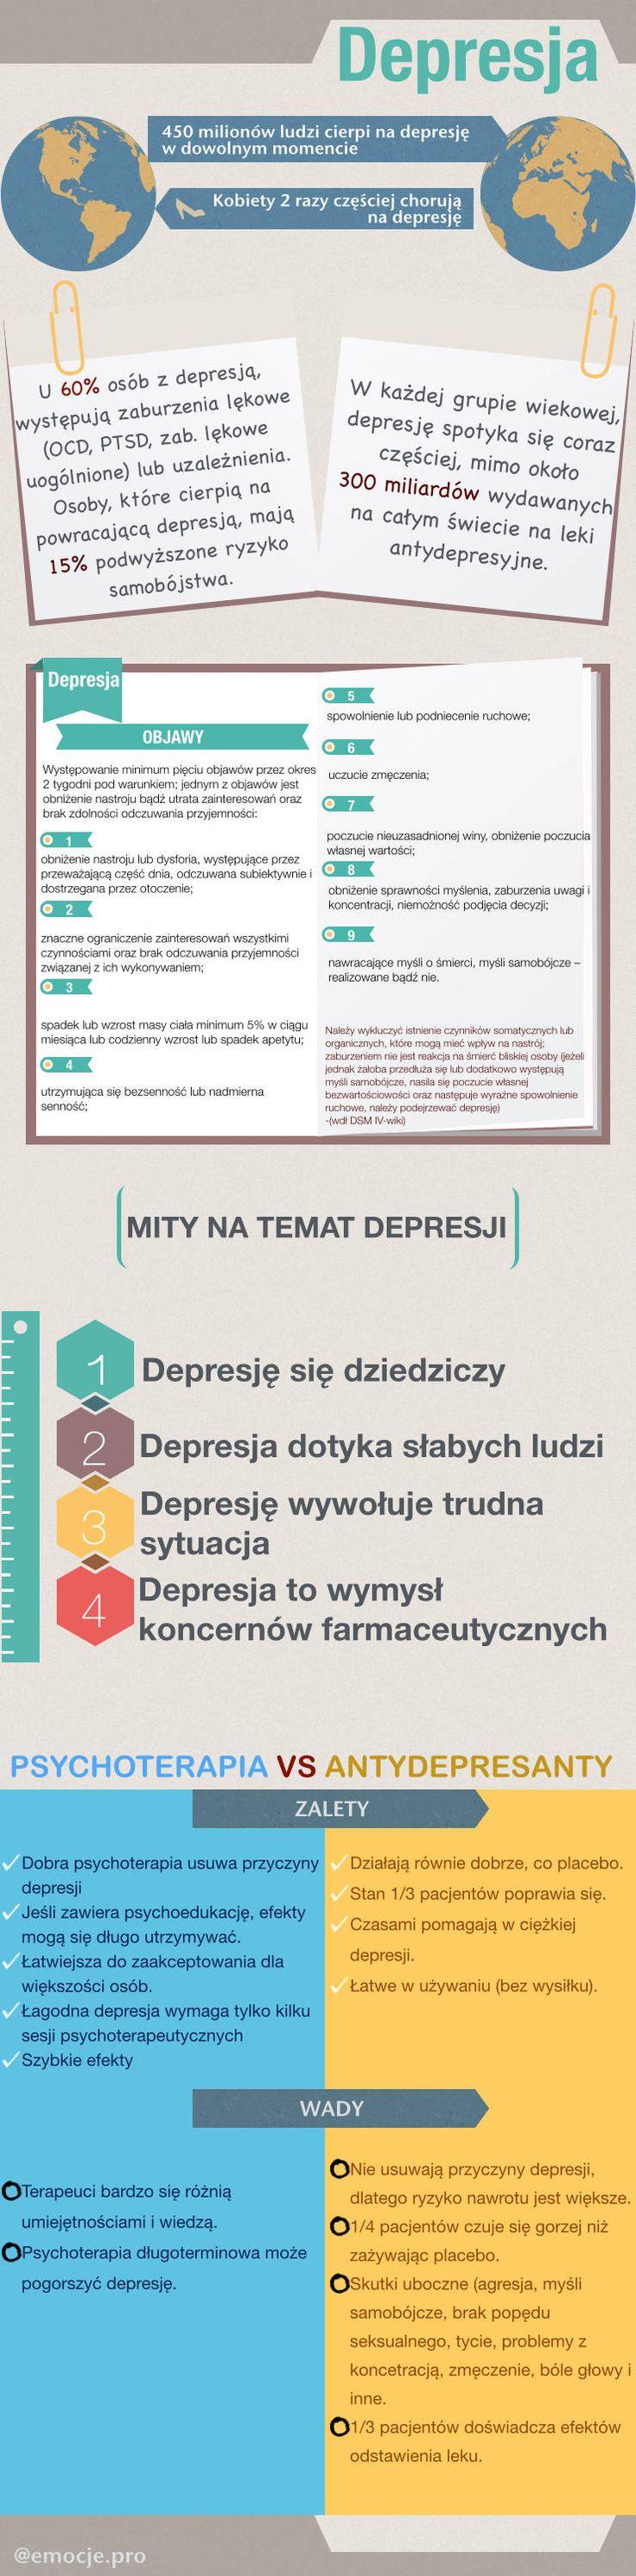 #depresja emocje.pro, infografika na temat depresji